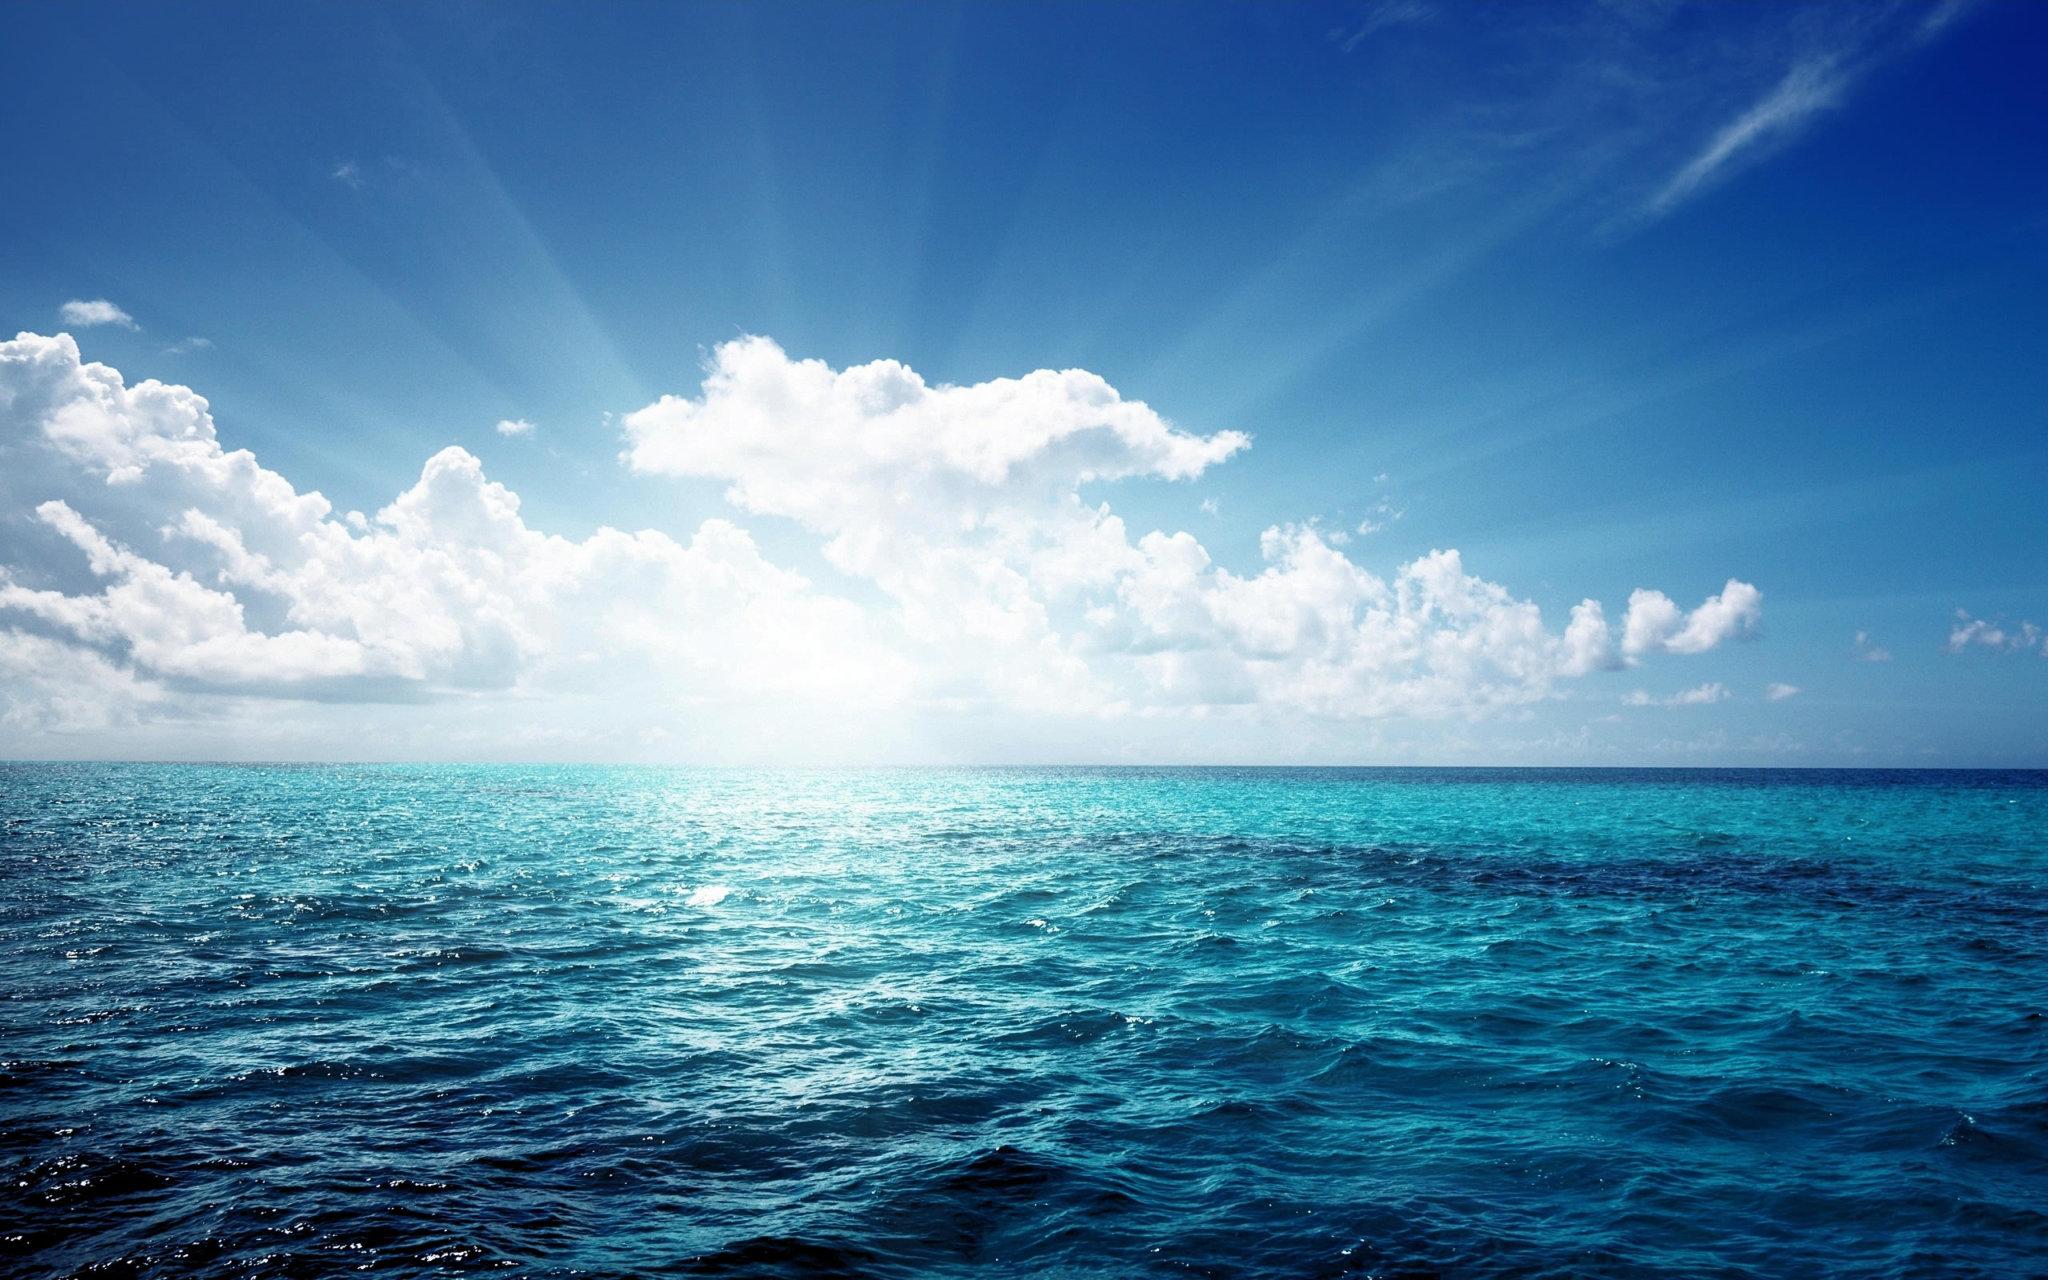 Immagini belle mare immagini belle for Immagini hd mare